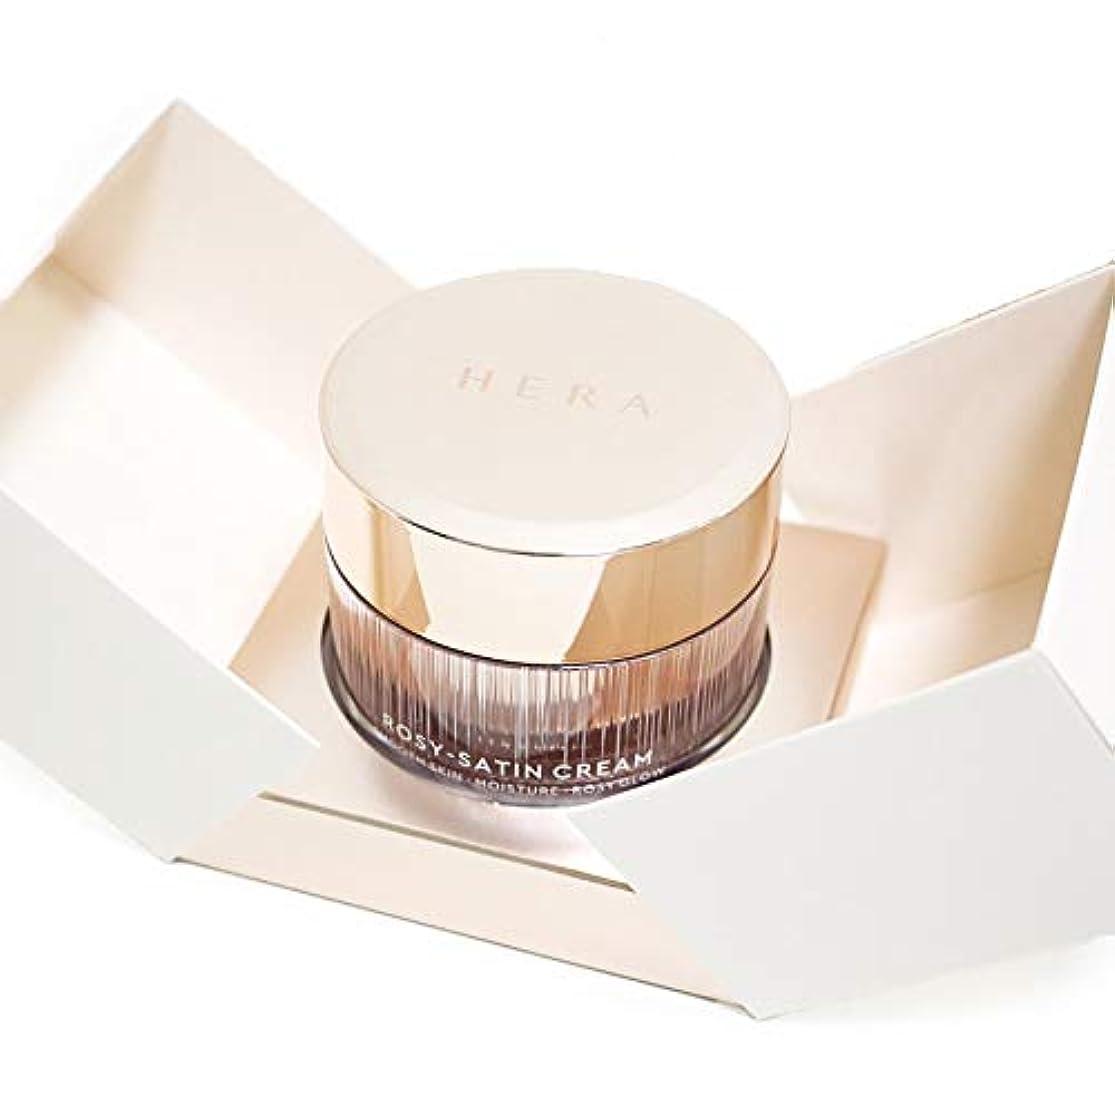 バイバイ基礎コウモリ[ヘラ HERA] 新発売 ロージーサテンクリーム50ML Rosy-Satin Cream 50ml  海外直送品